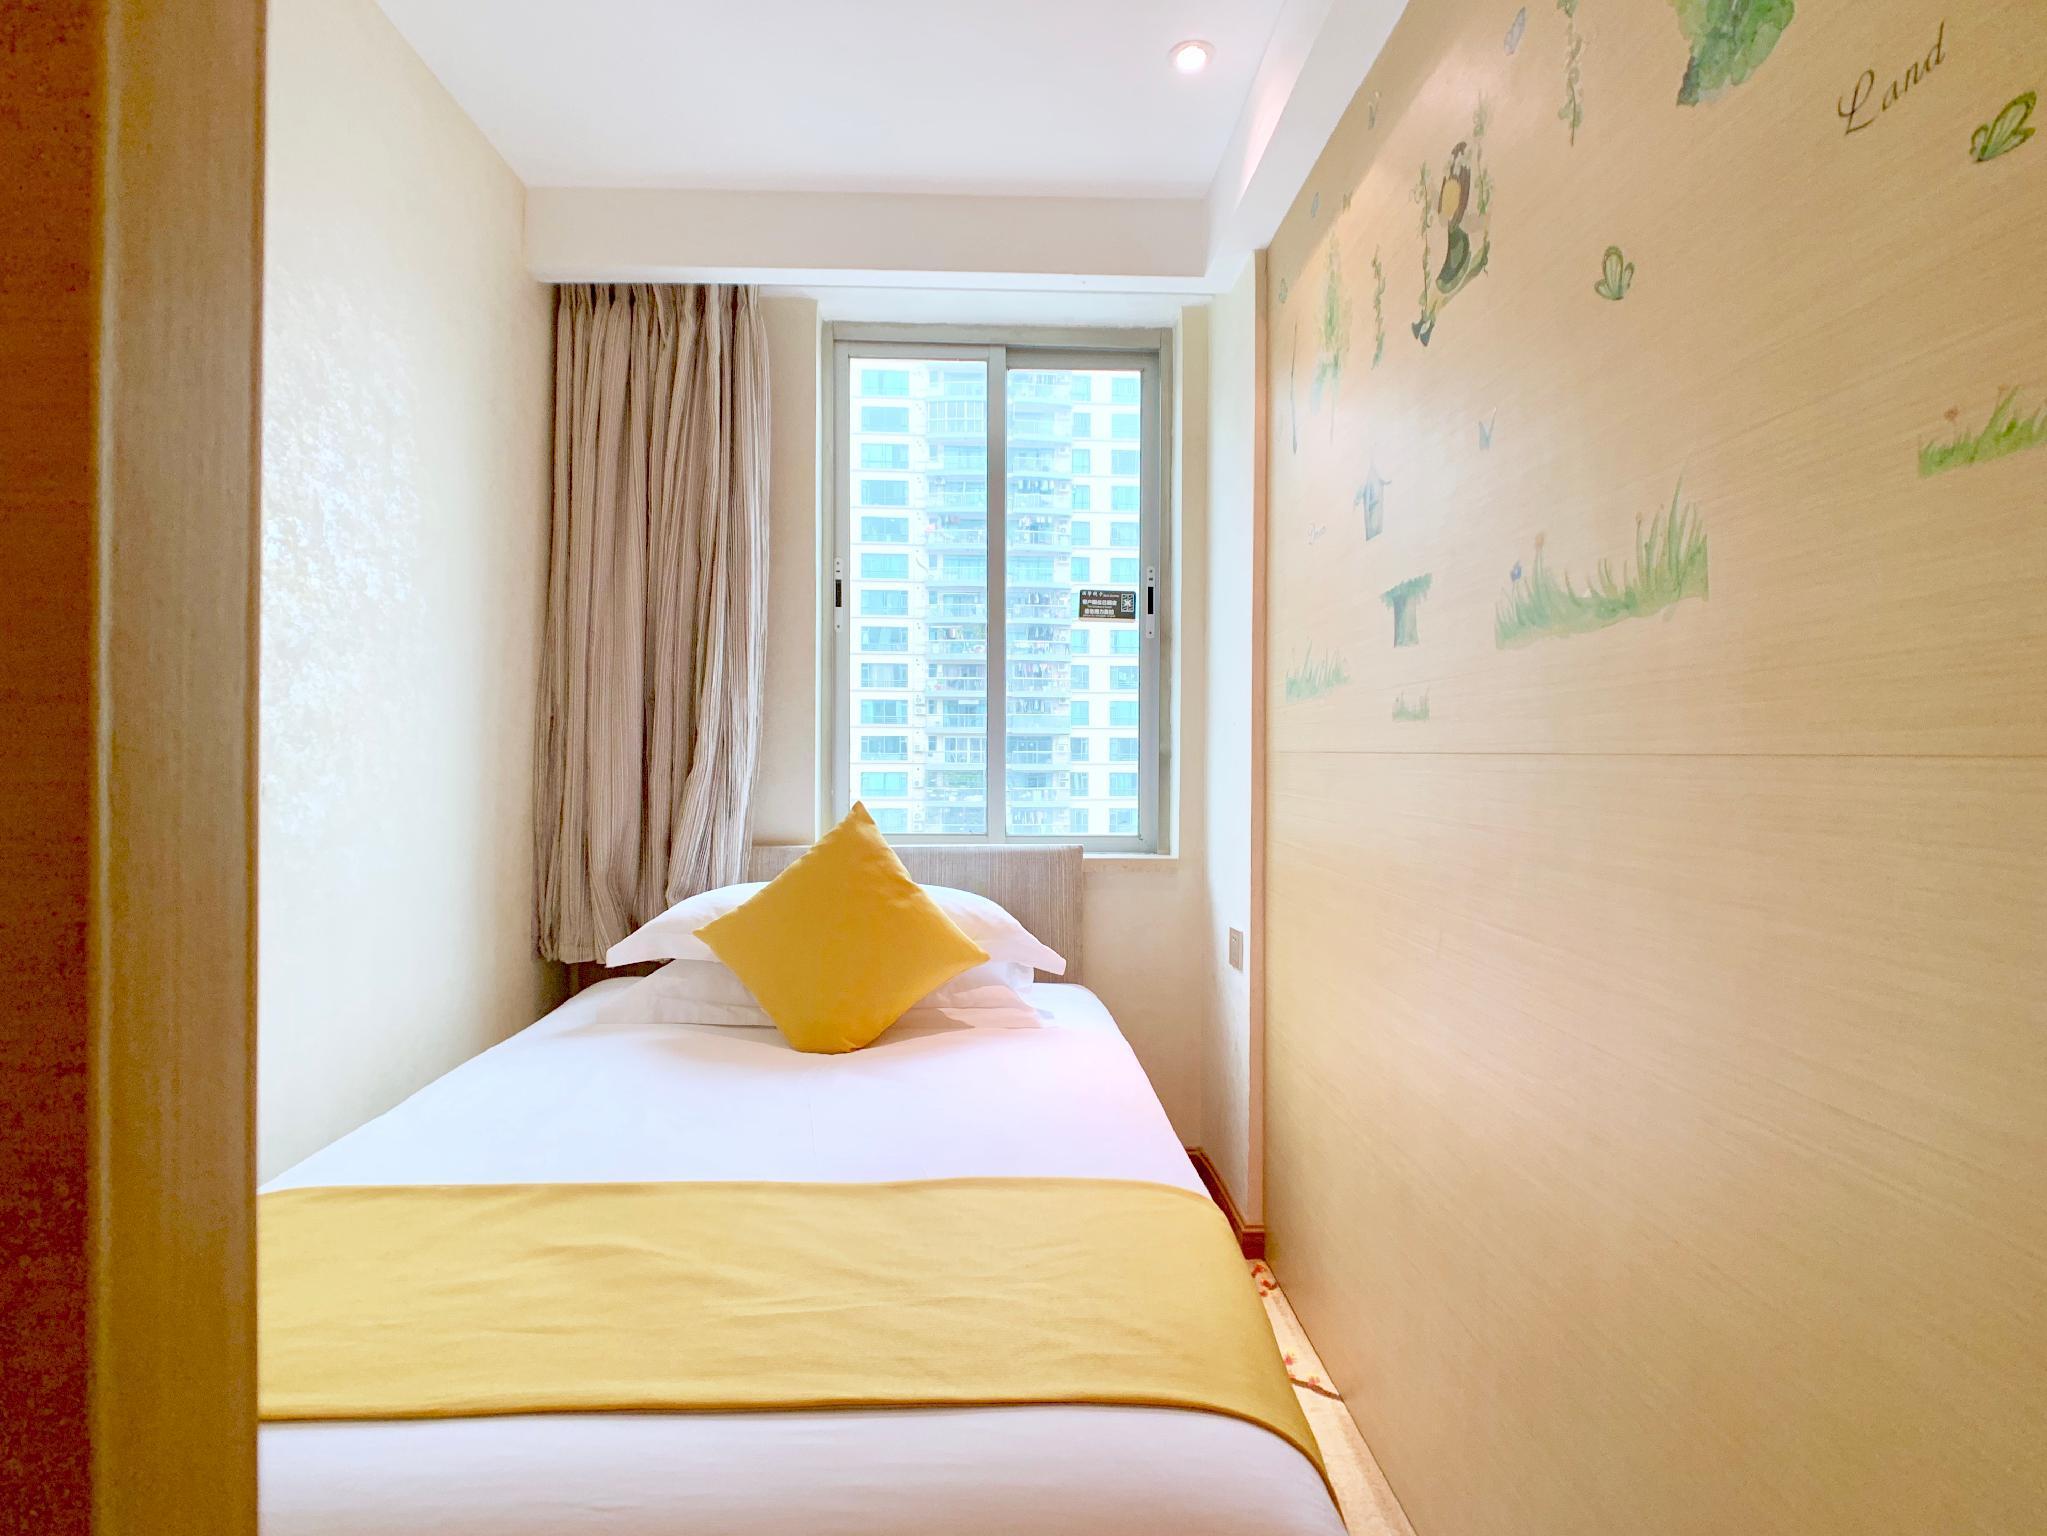 Shenzhen Ren Shan Heng Hotel In China